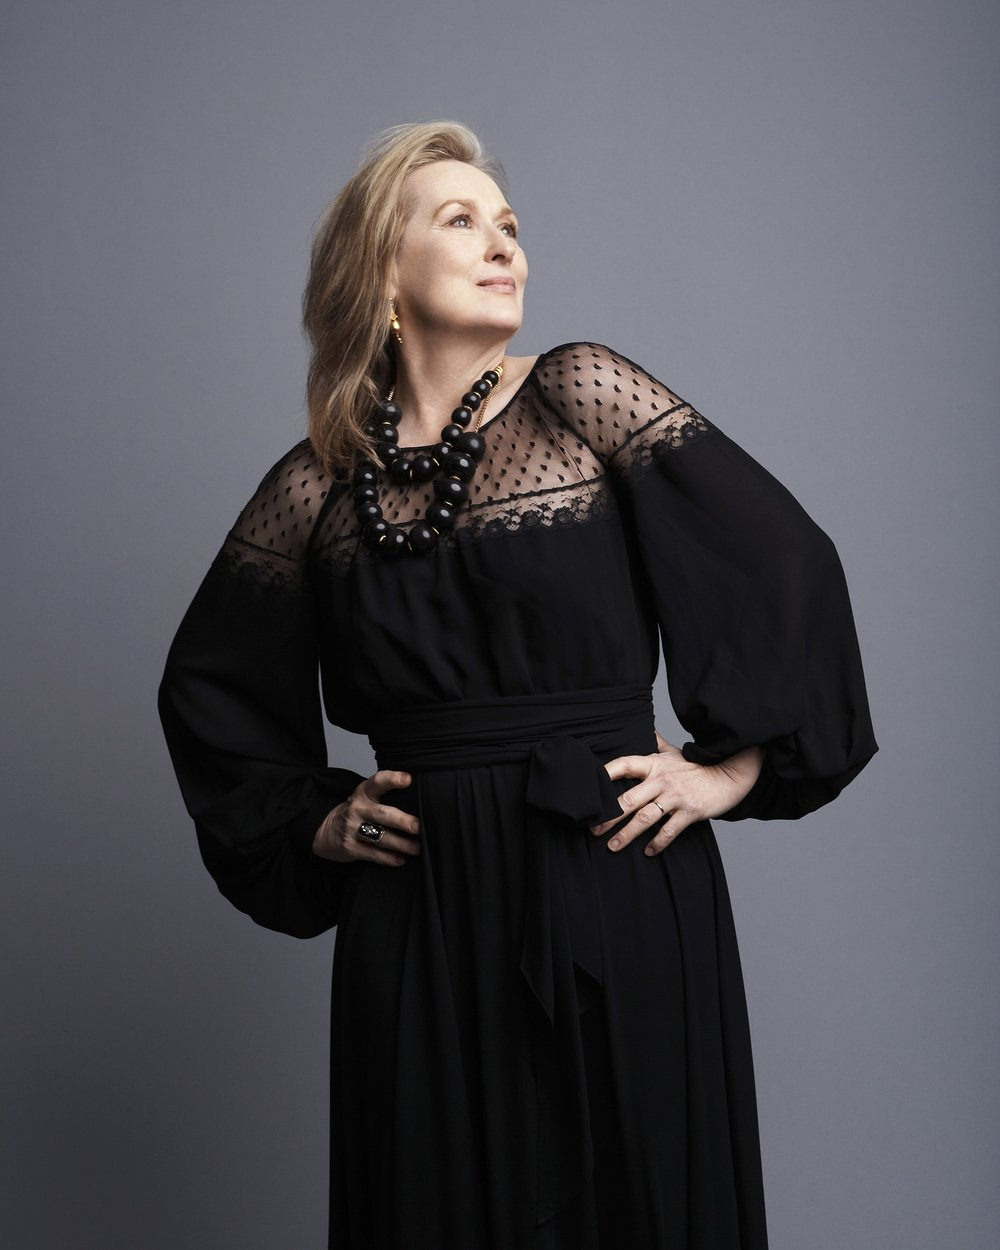 BAFTA Meryl Streep